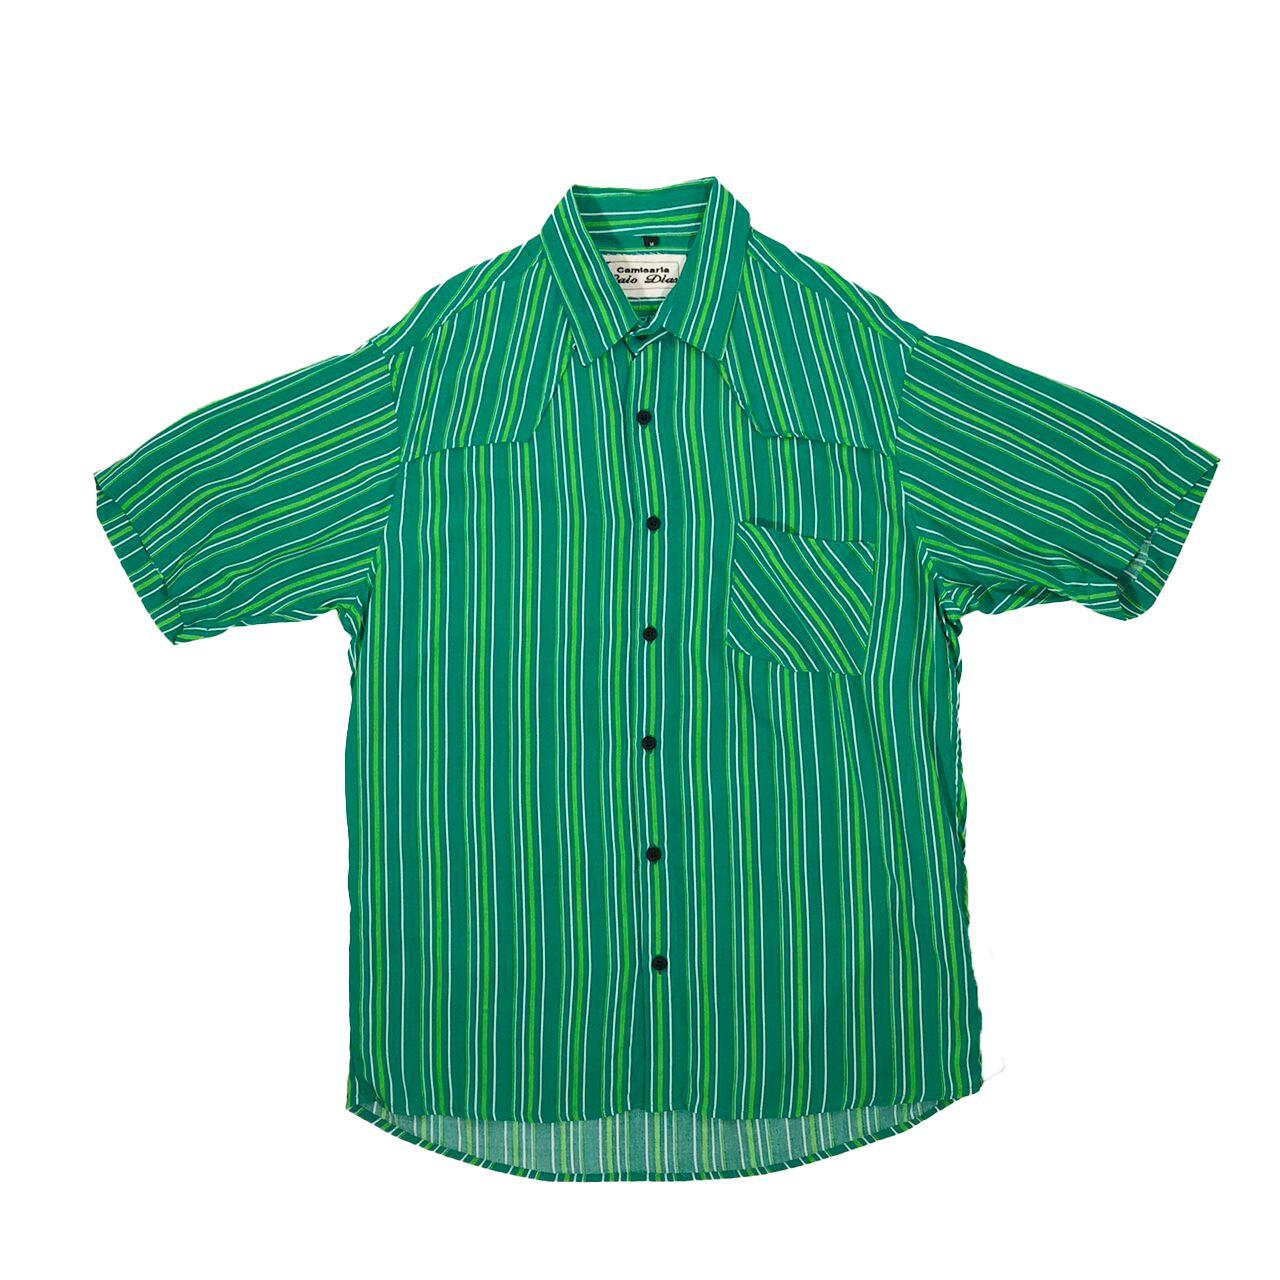 Caio Dias_Viscose Print Shirt:Green